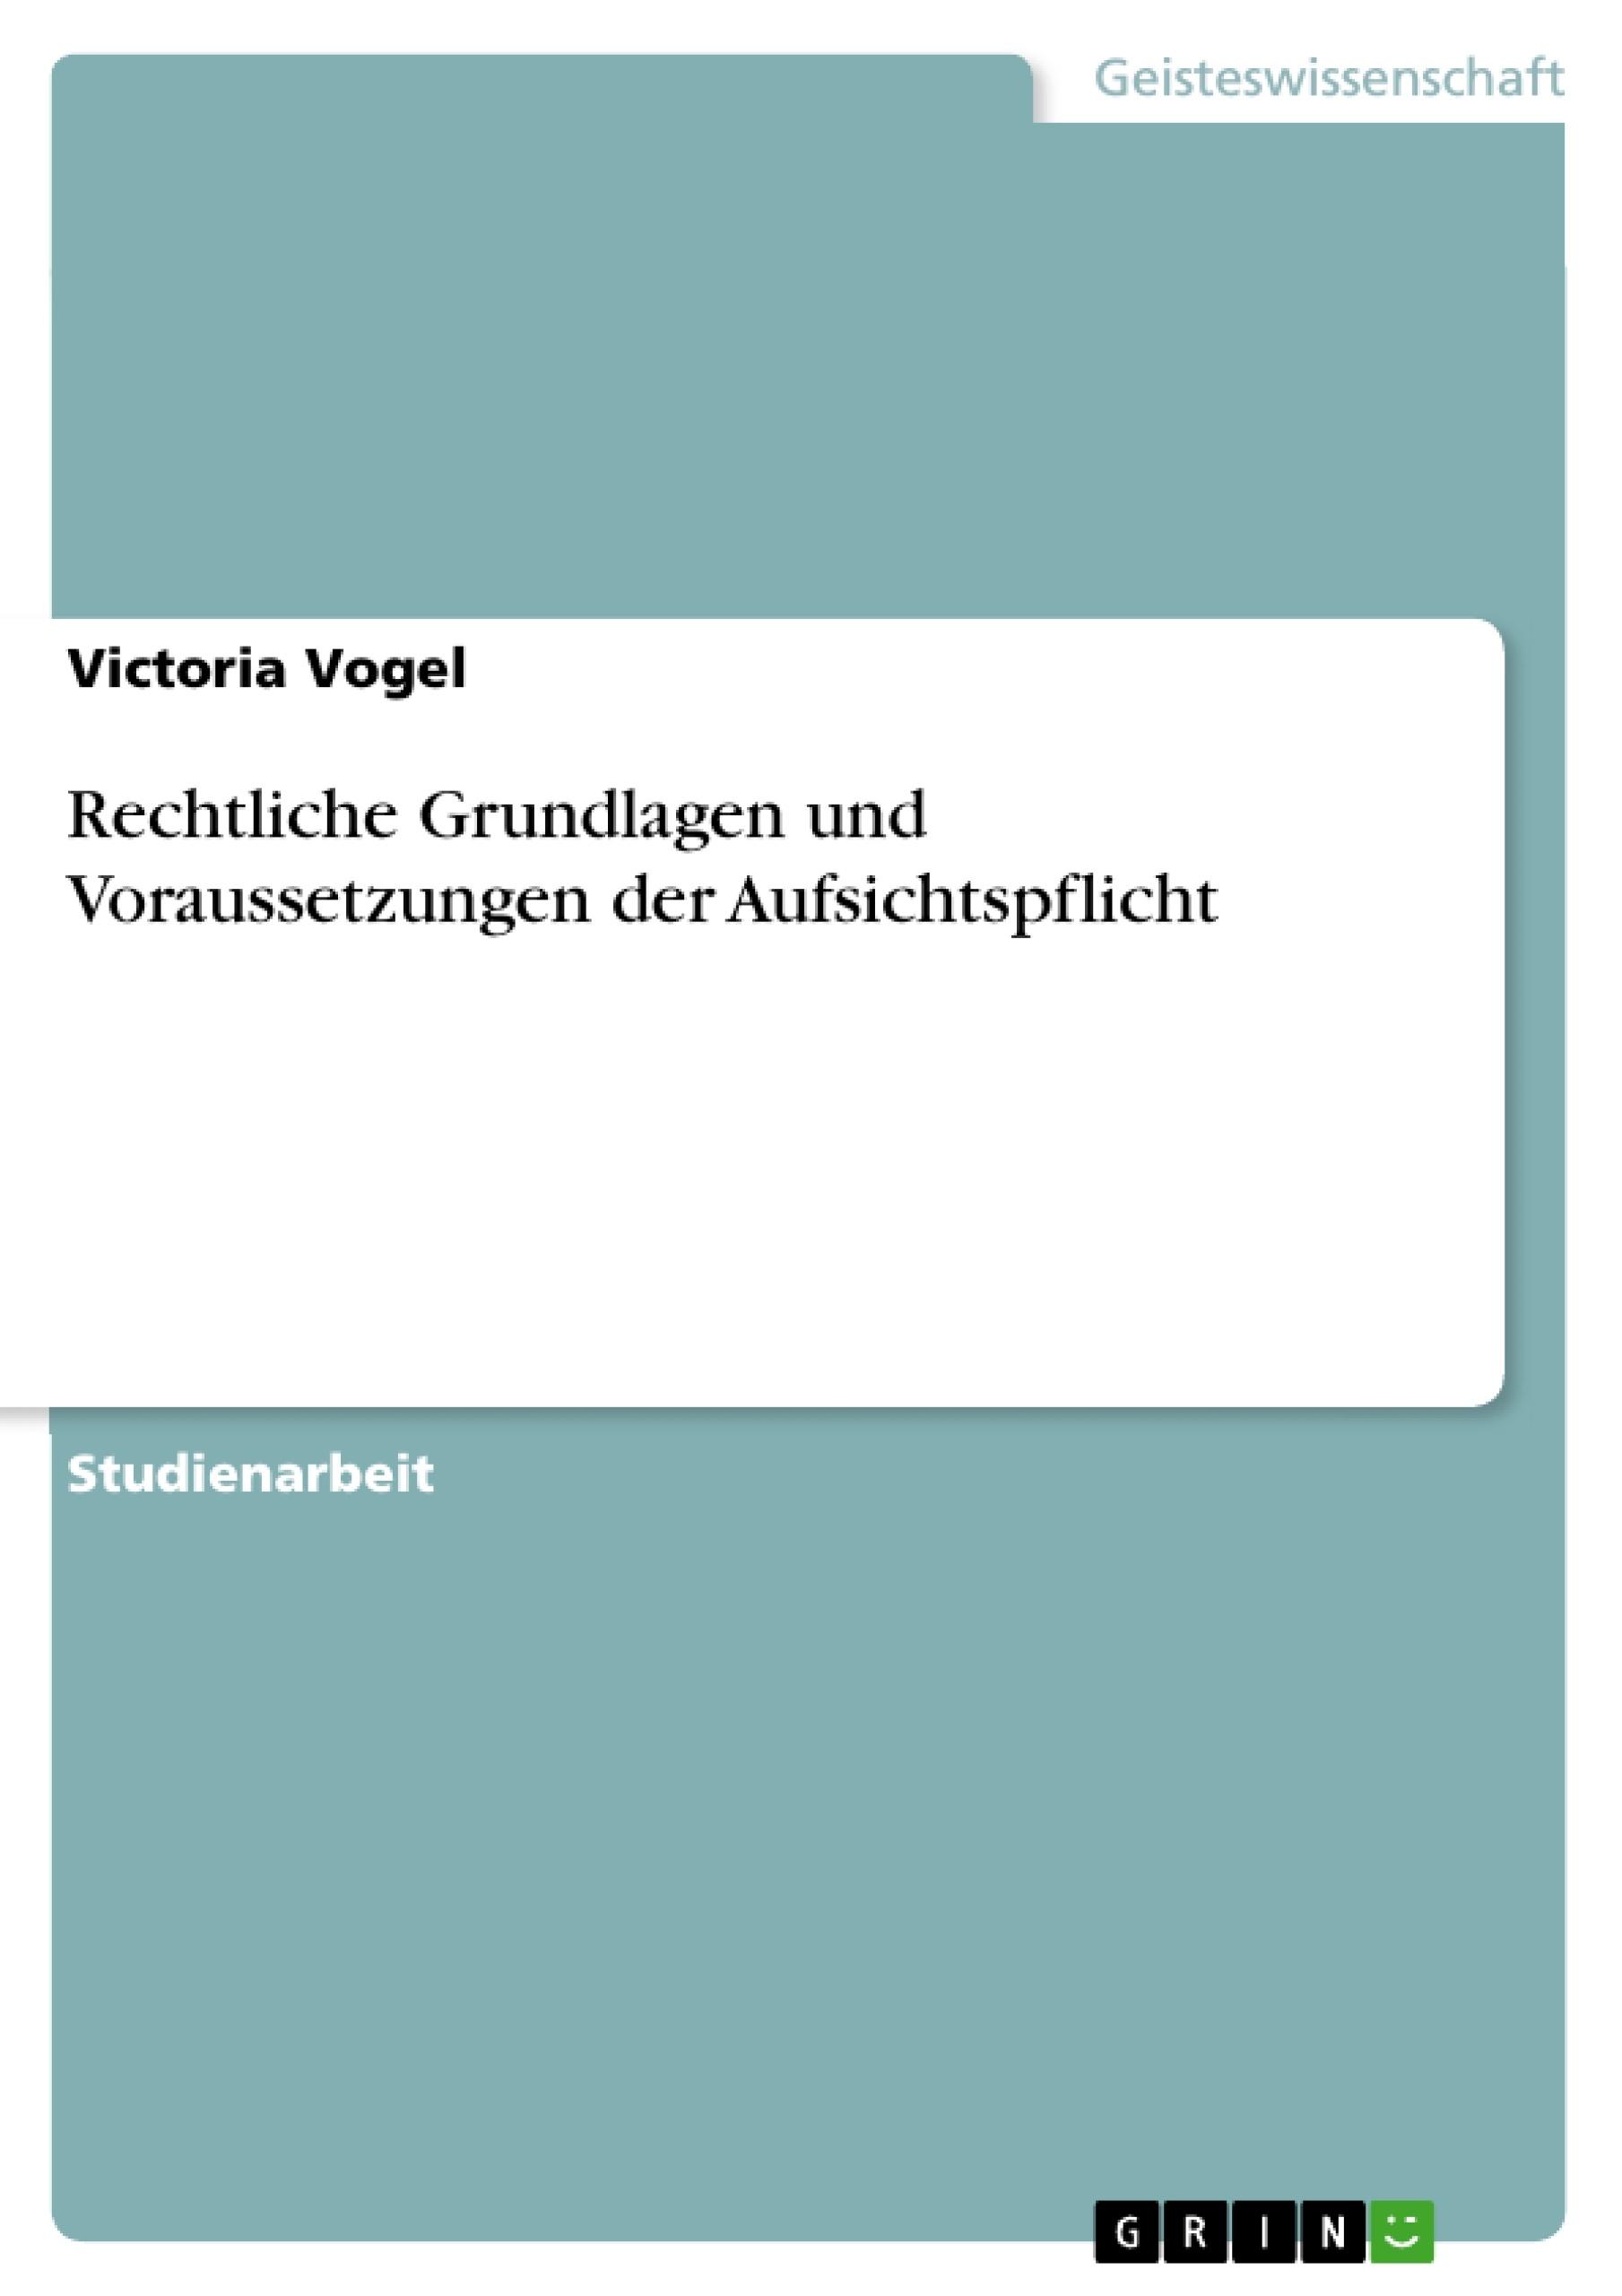 Titel: Rechtliche Grundlagen und Voraussetzungen der Aufsichtspflicht